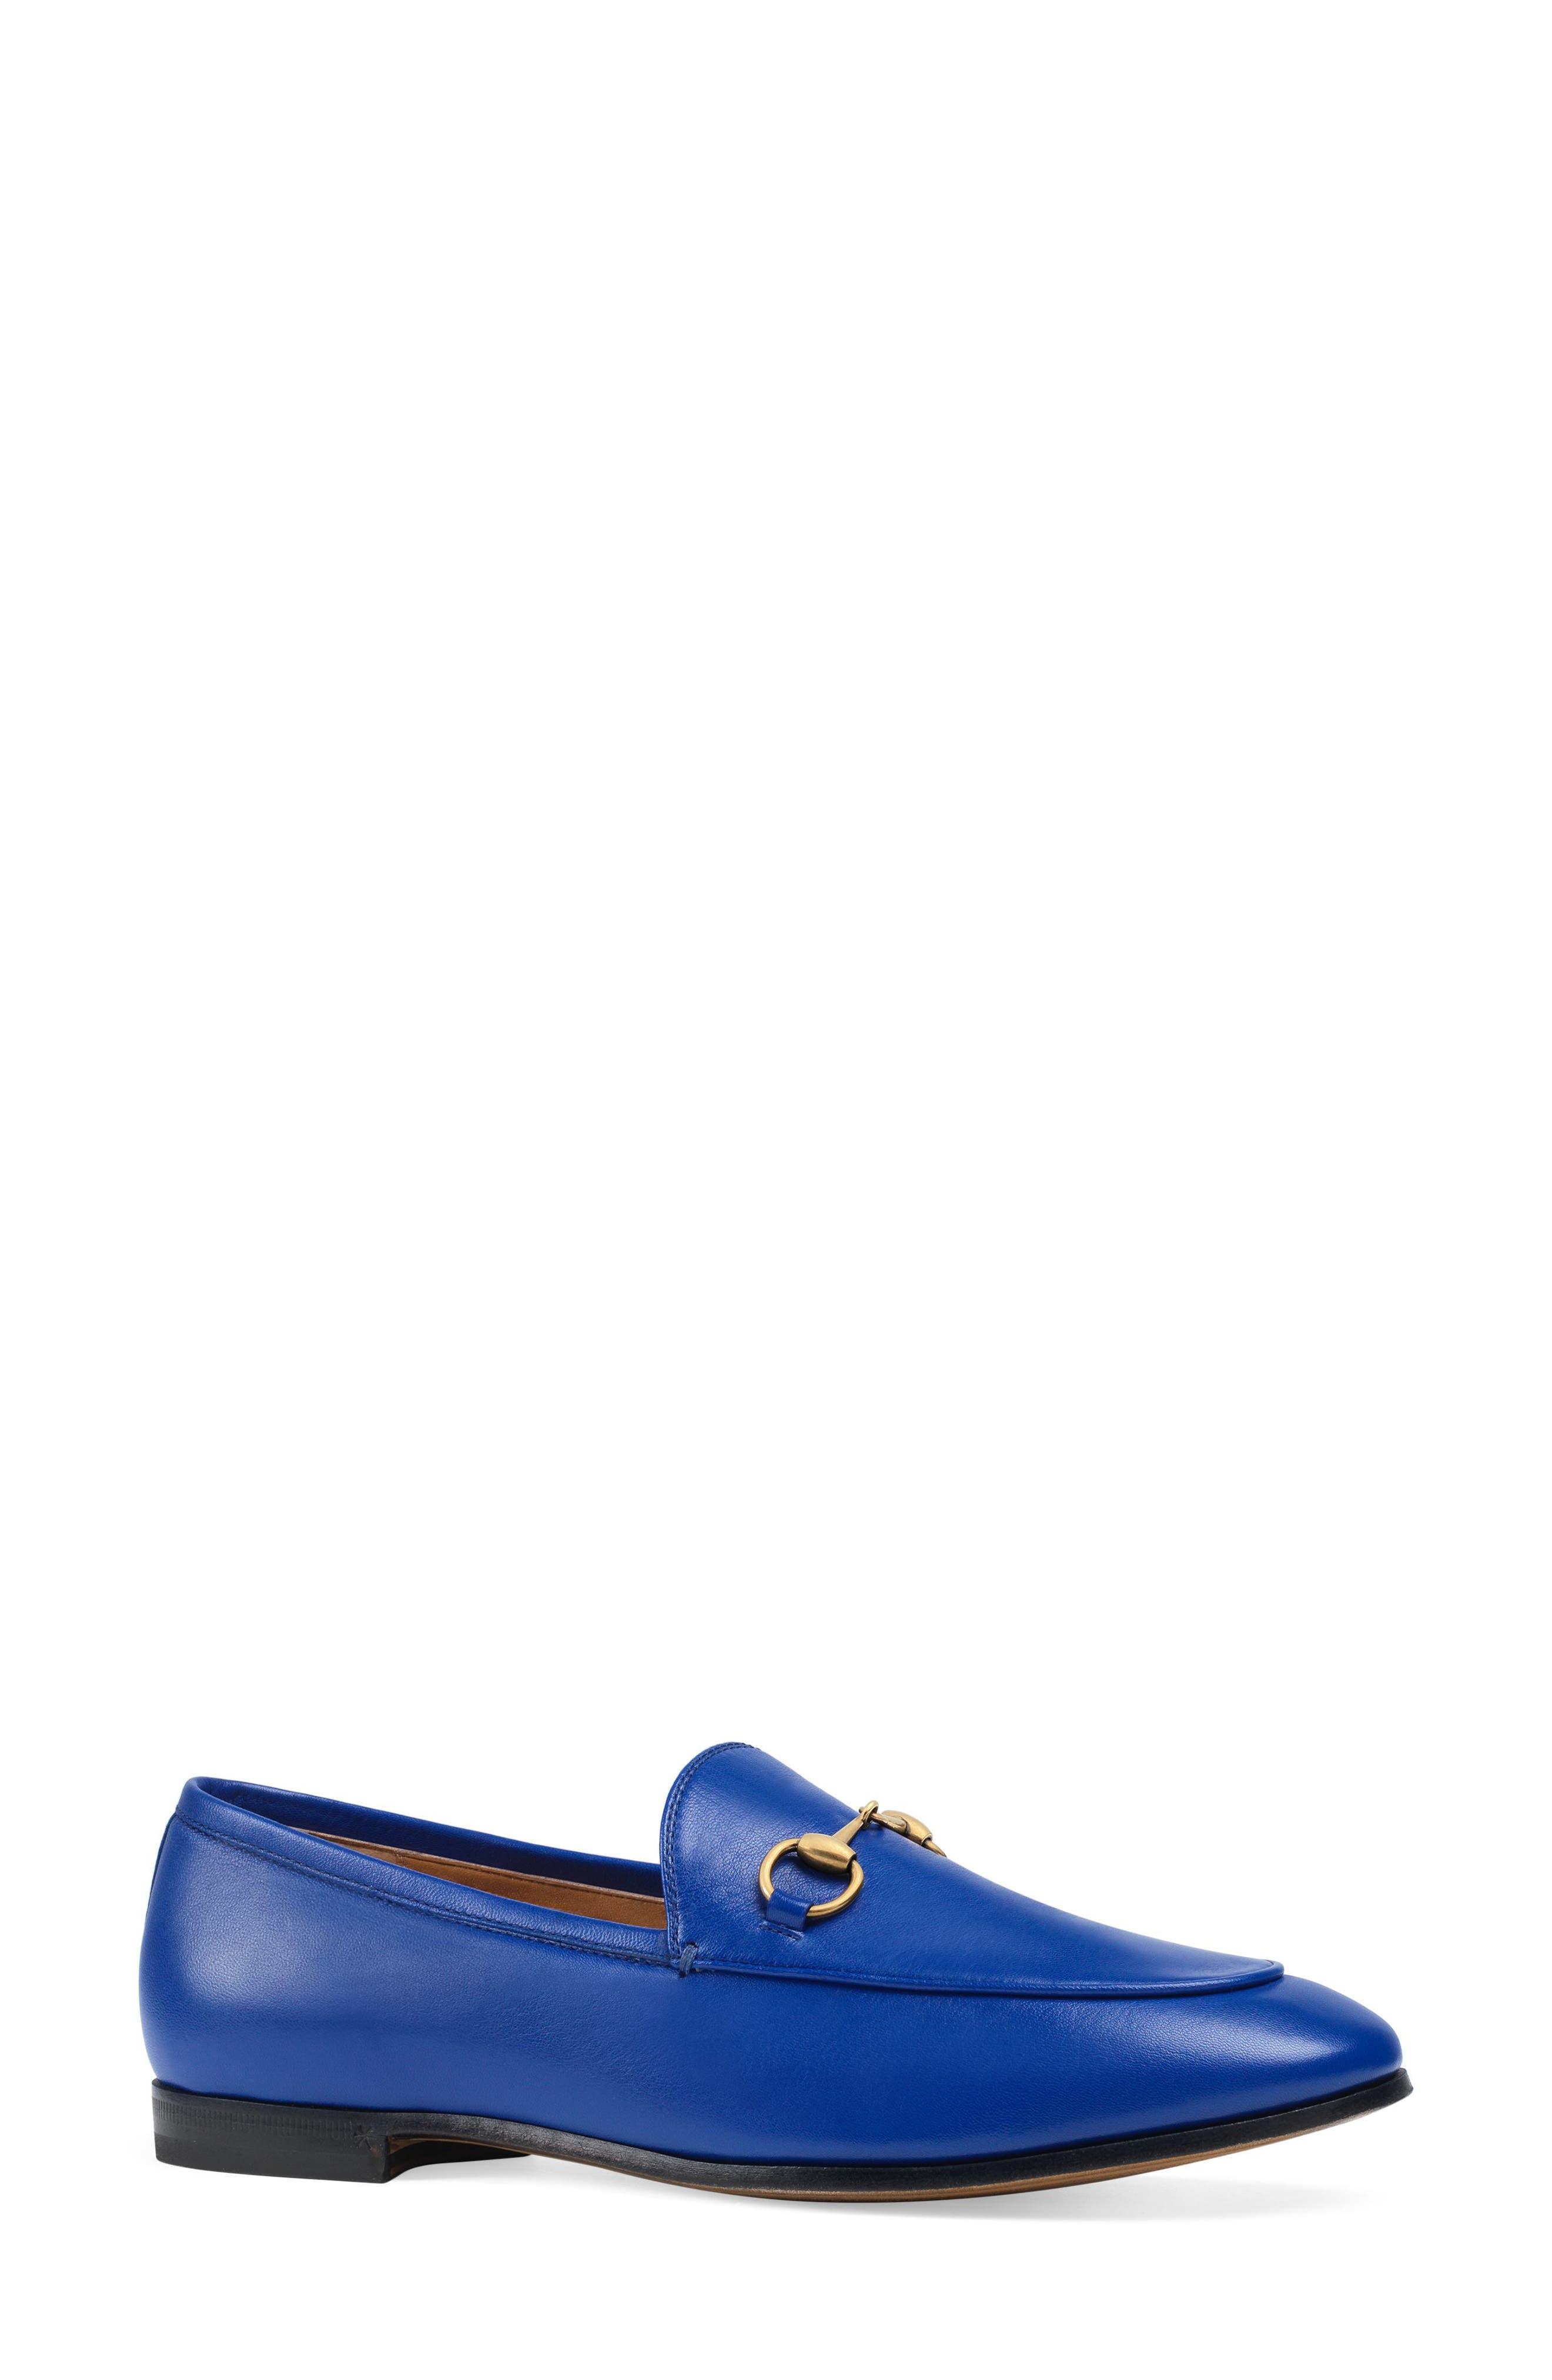 'Jordaan' Loafer,                         Main,                         color, ELECTRIC BLUE